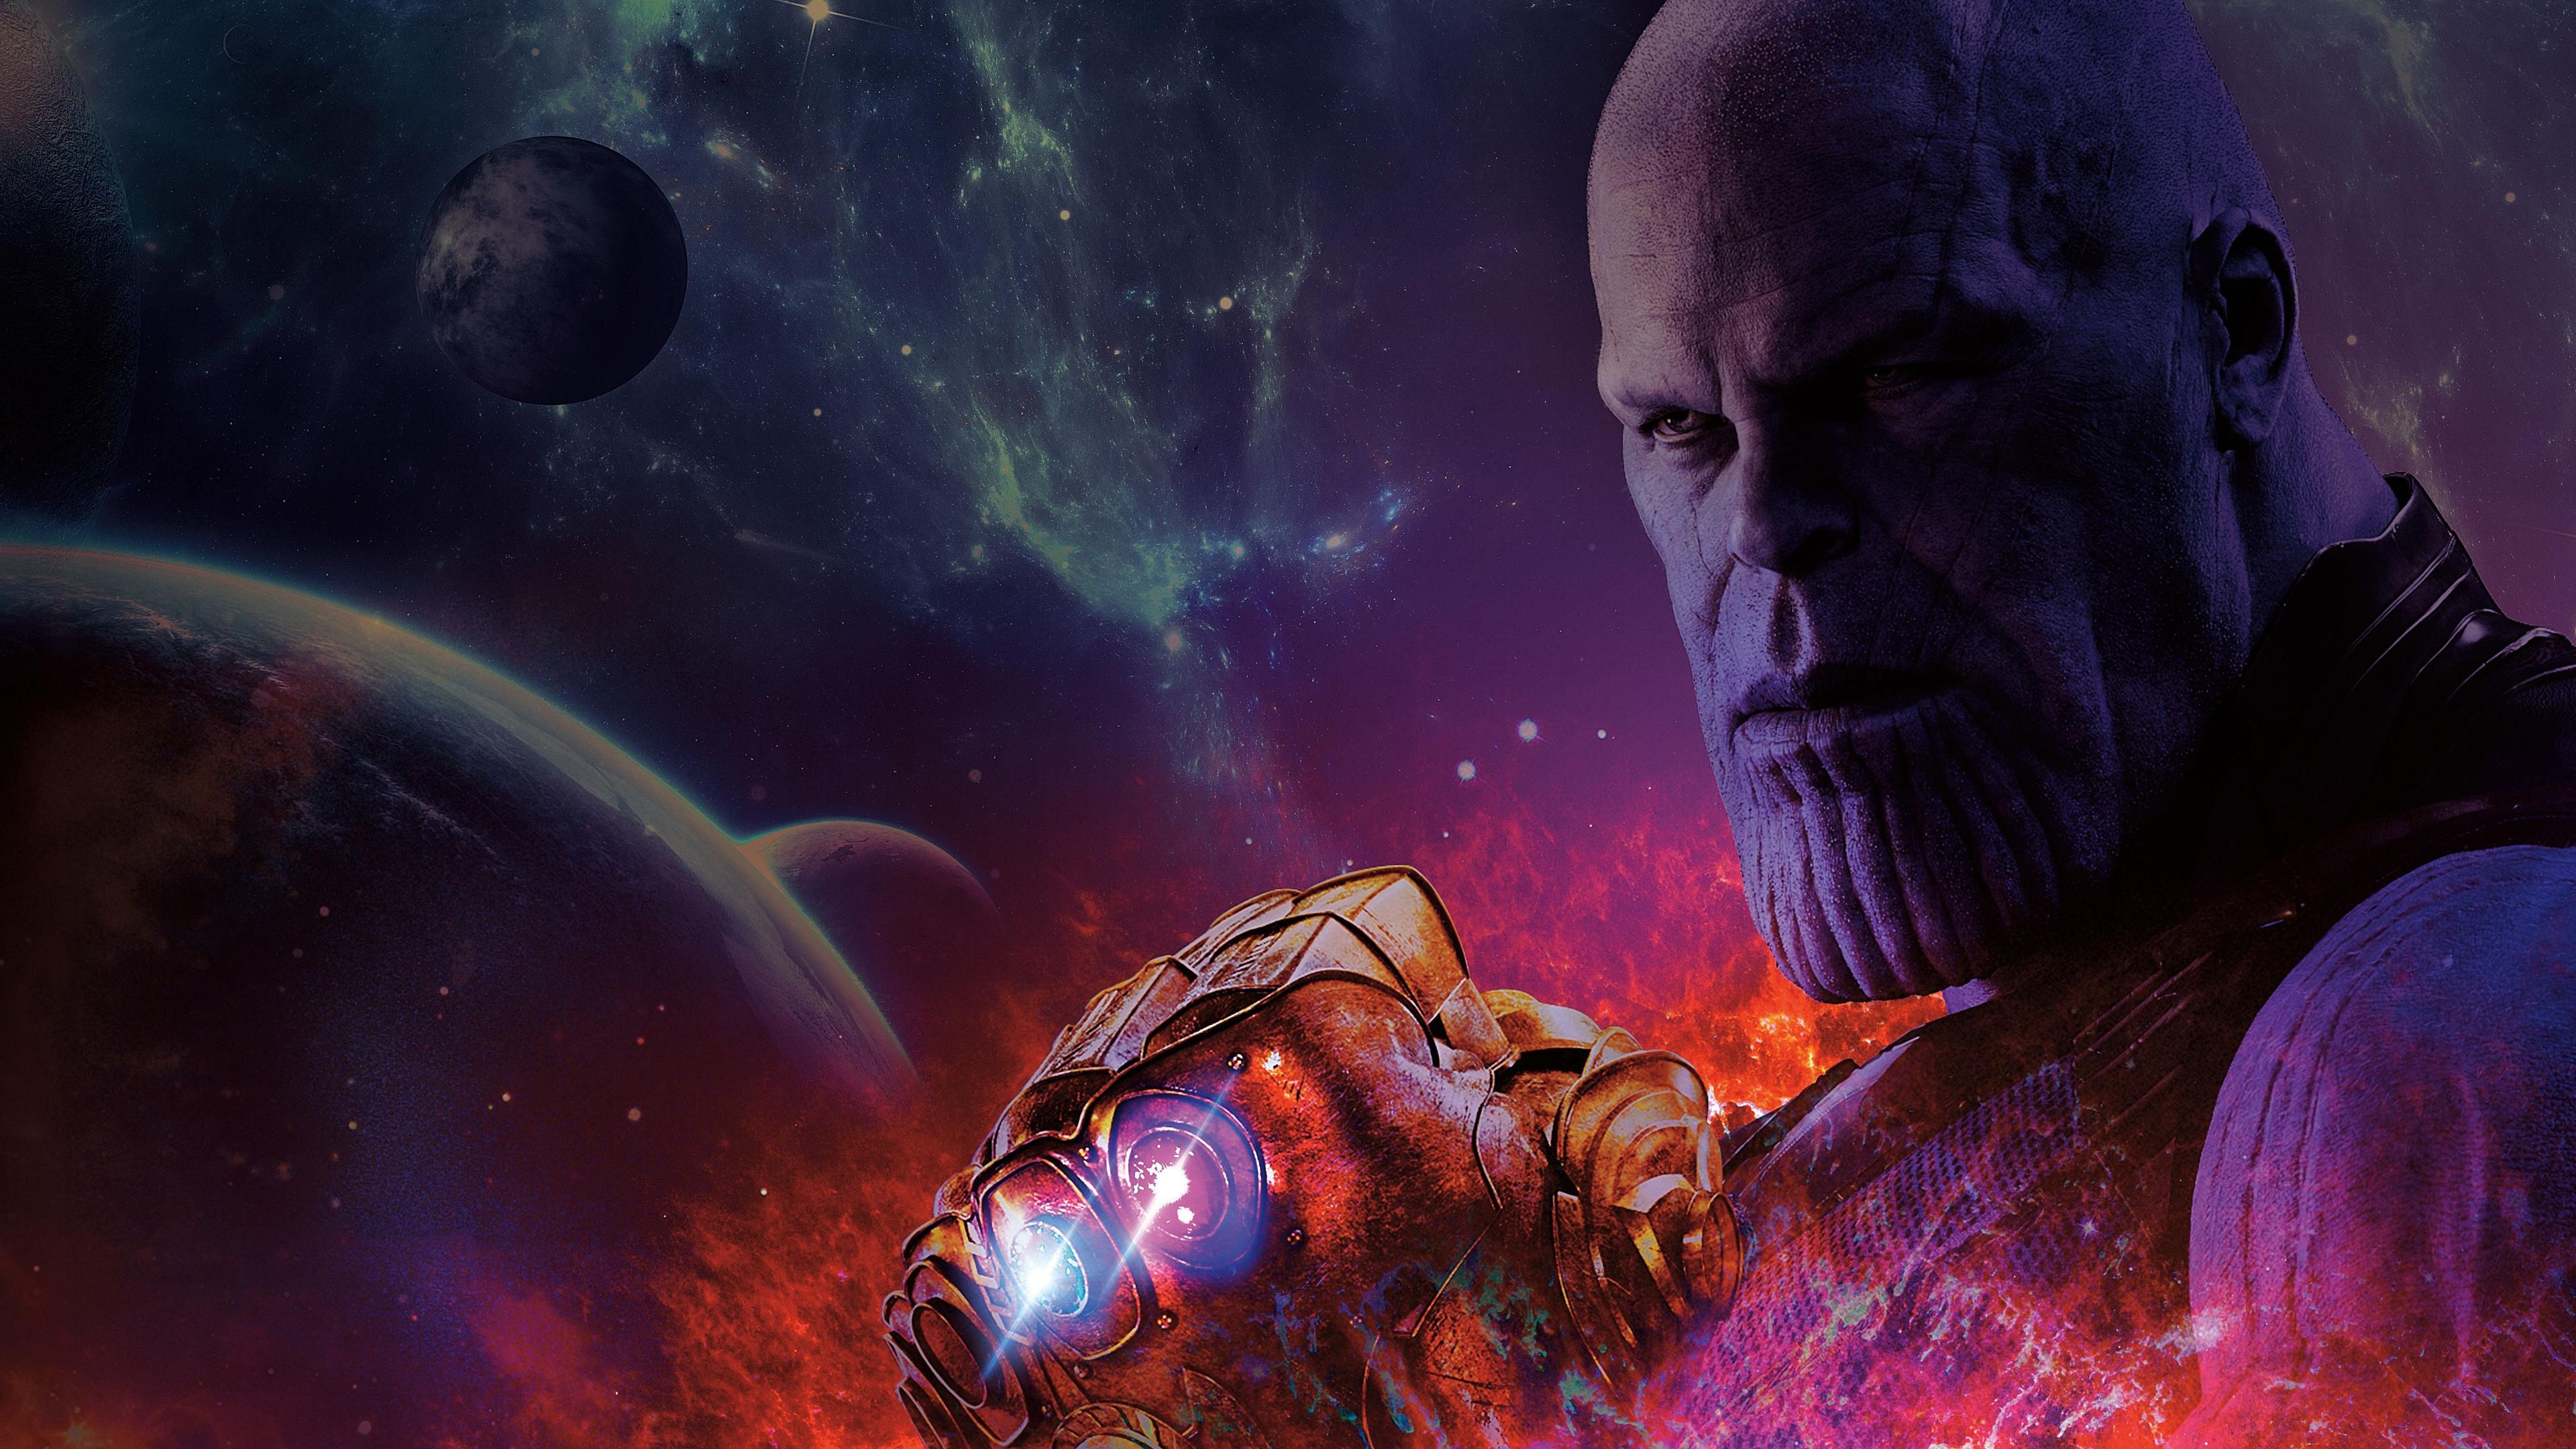 thanos avengers 4 8k 0k 3840x2160 - Avengers 4 End Game Thanos 4k - Avengers 4 thanos hd 4k wallpapers